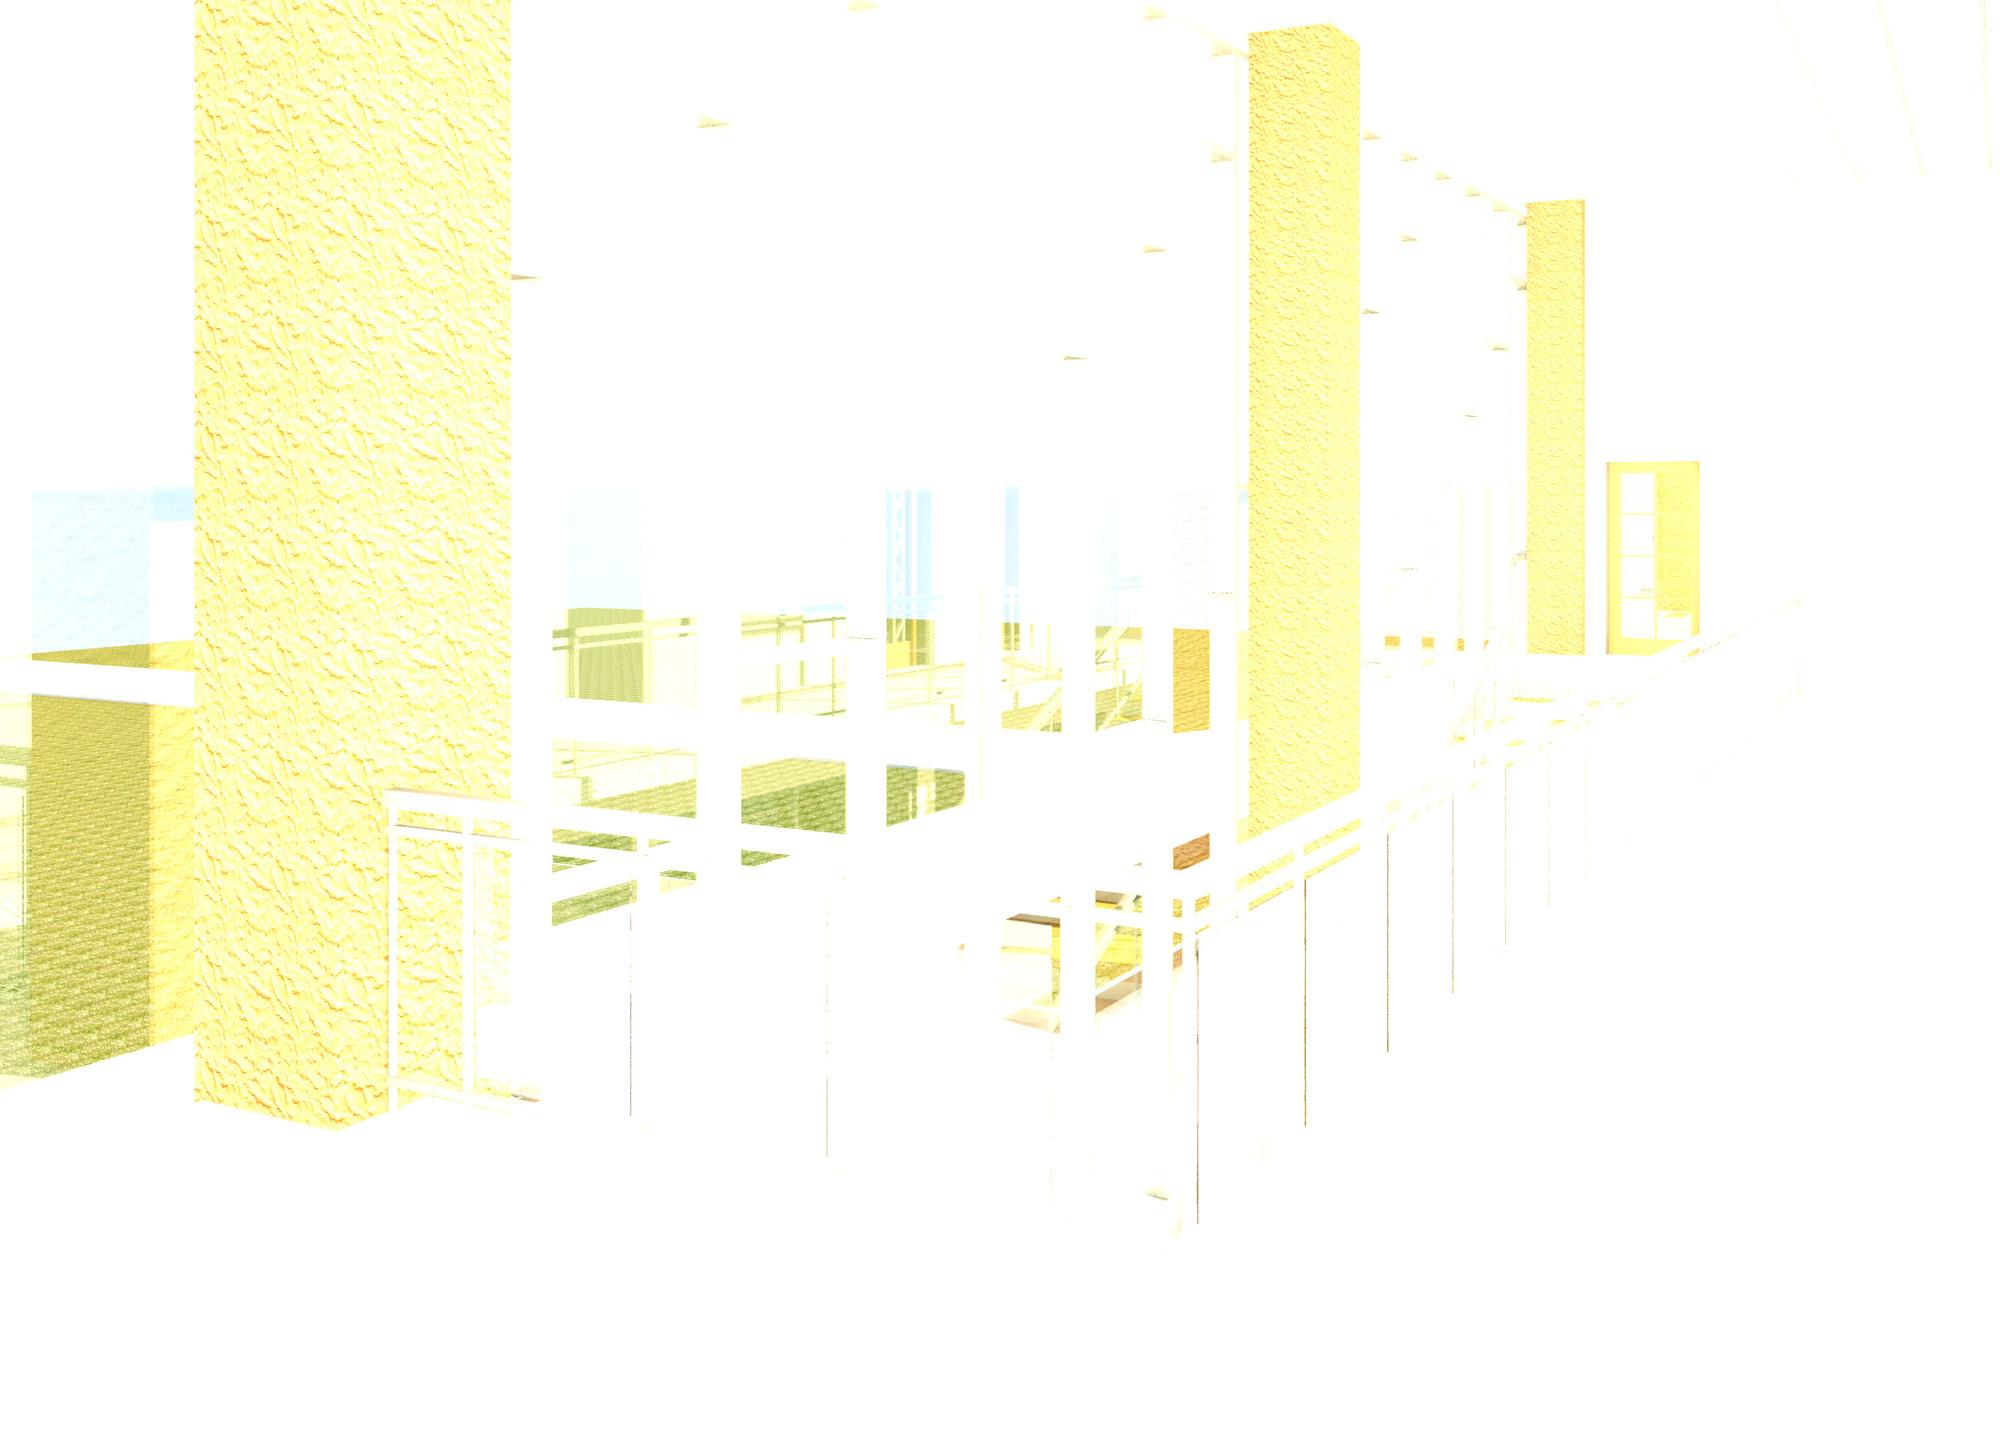 Raas-rendering20150611-7546-b5t0ow